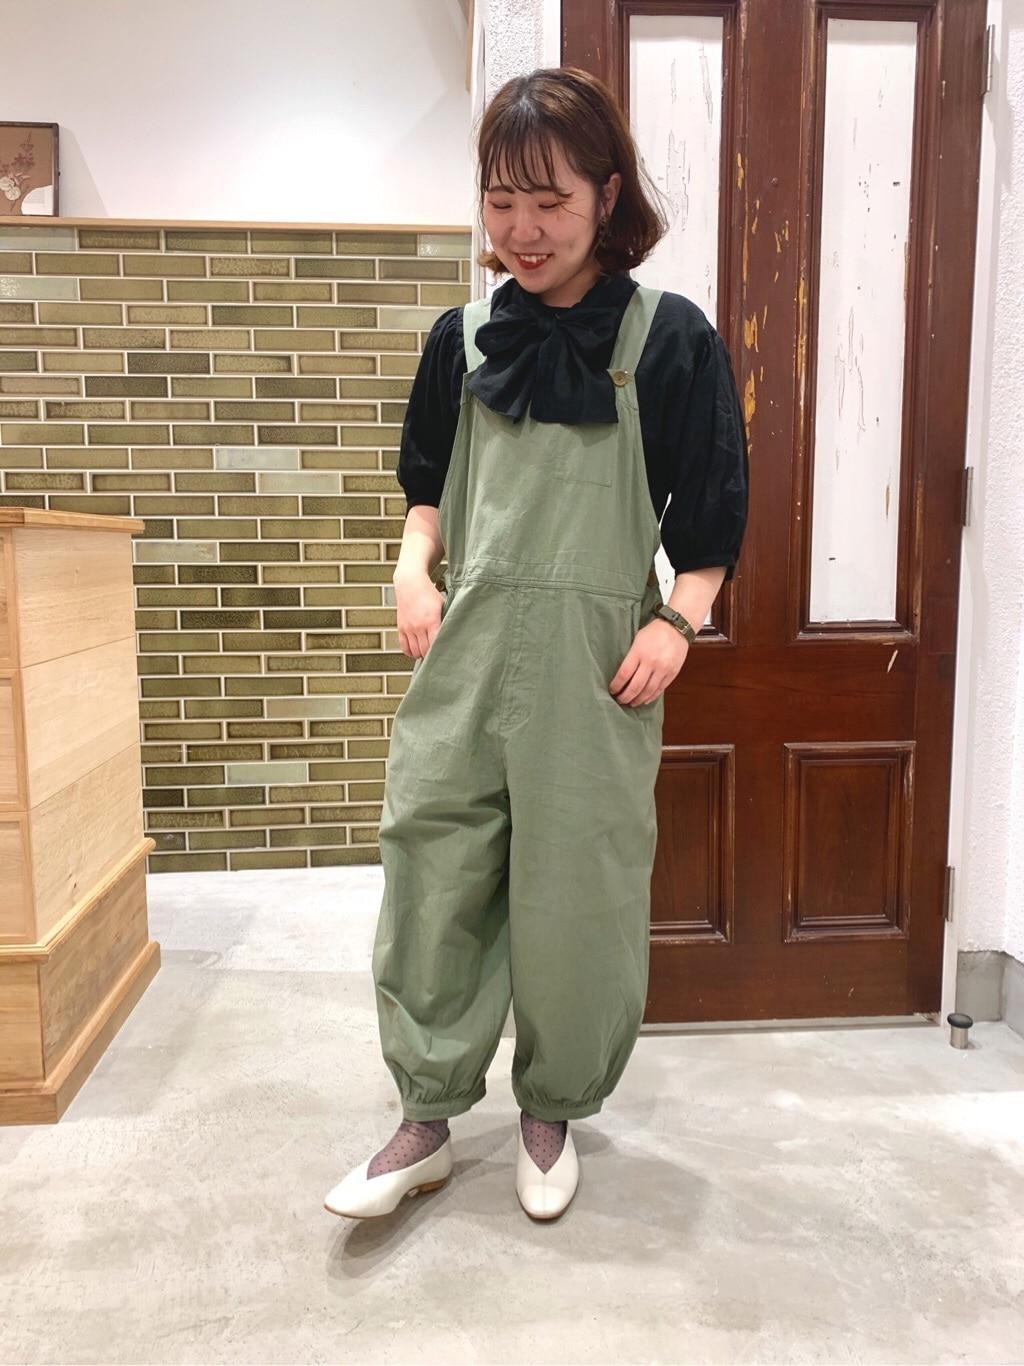 AMB SHOP chambre de charme FLAT AMB 名古屋栄路面 身長:155cm 2020.07.10